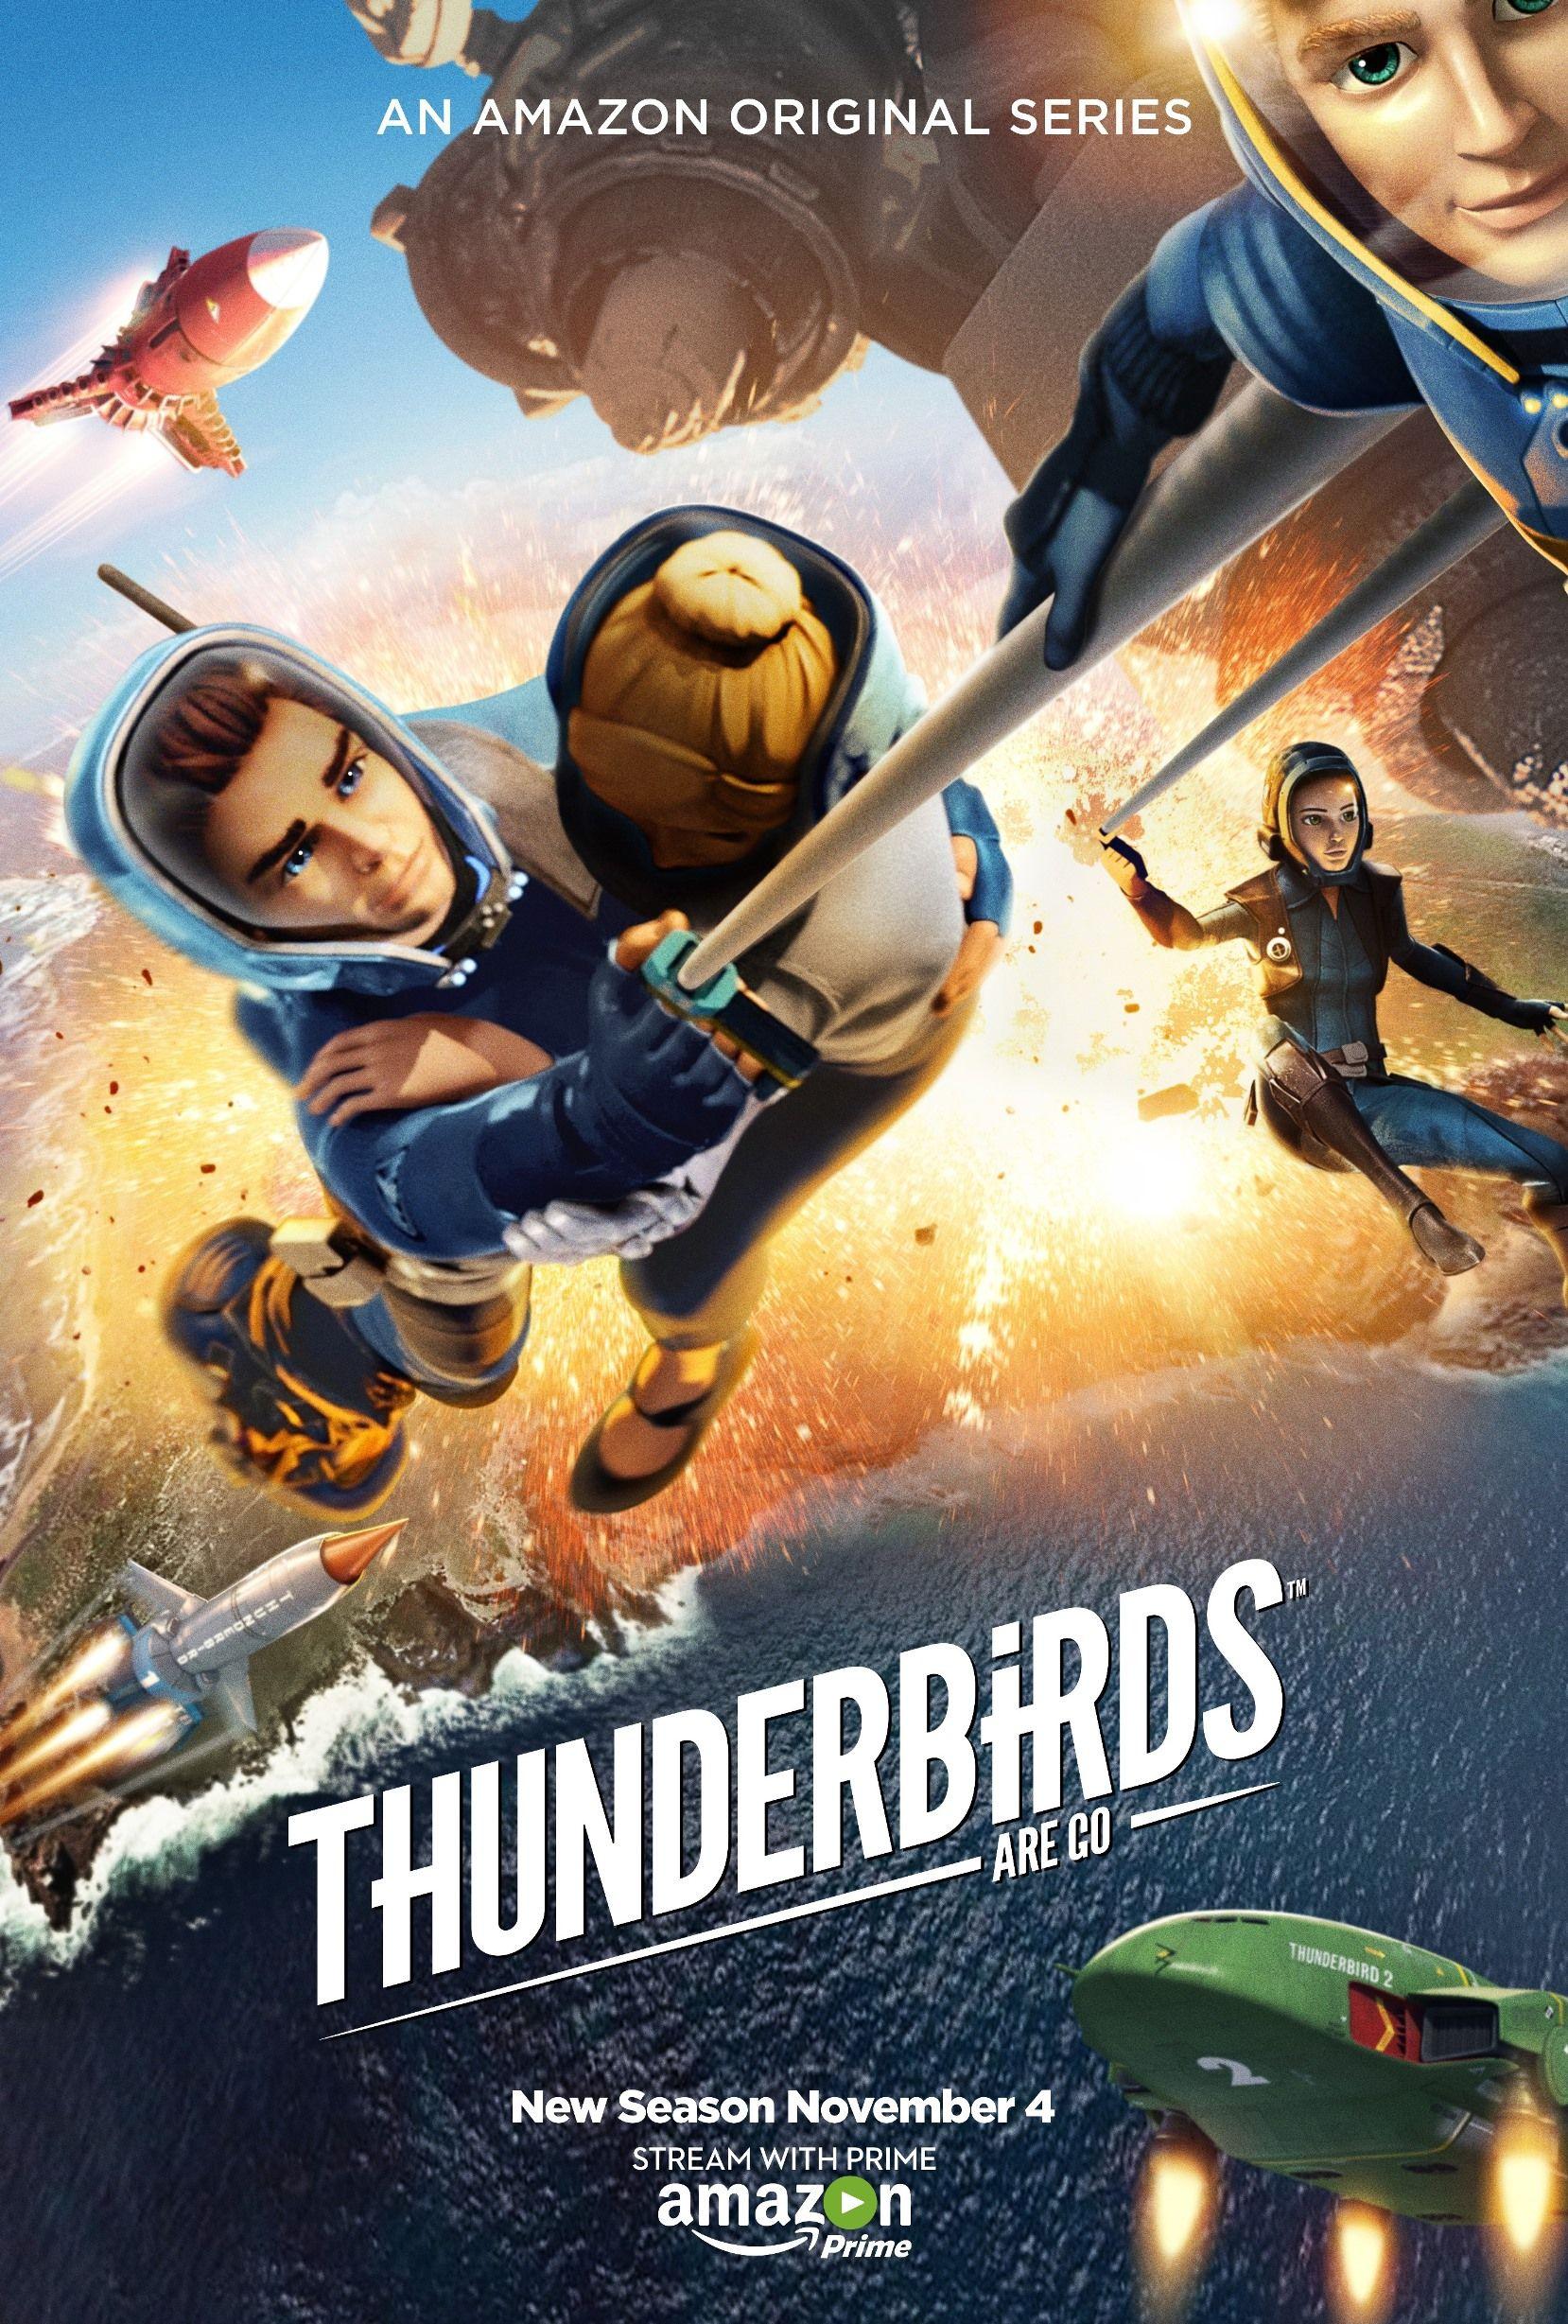 First Look At Thunderbirds Are Go Season 2 Thunderbirds Are Go